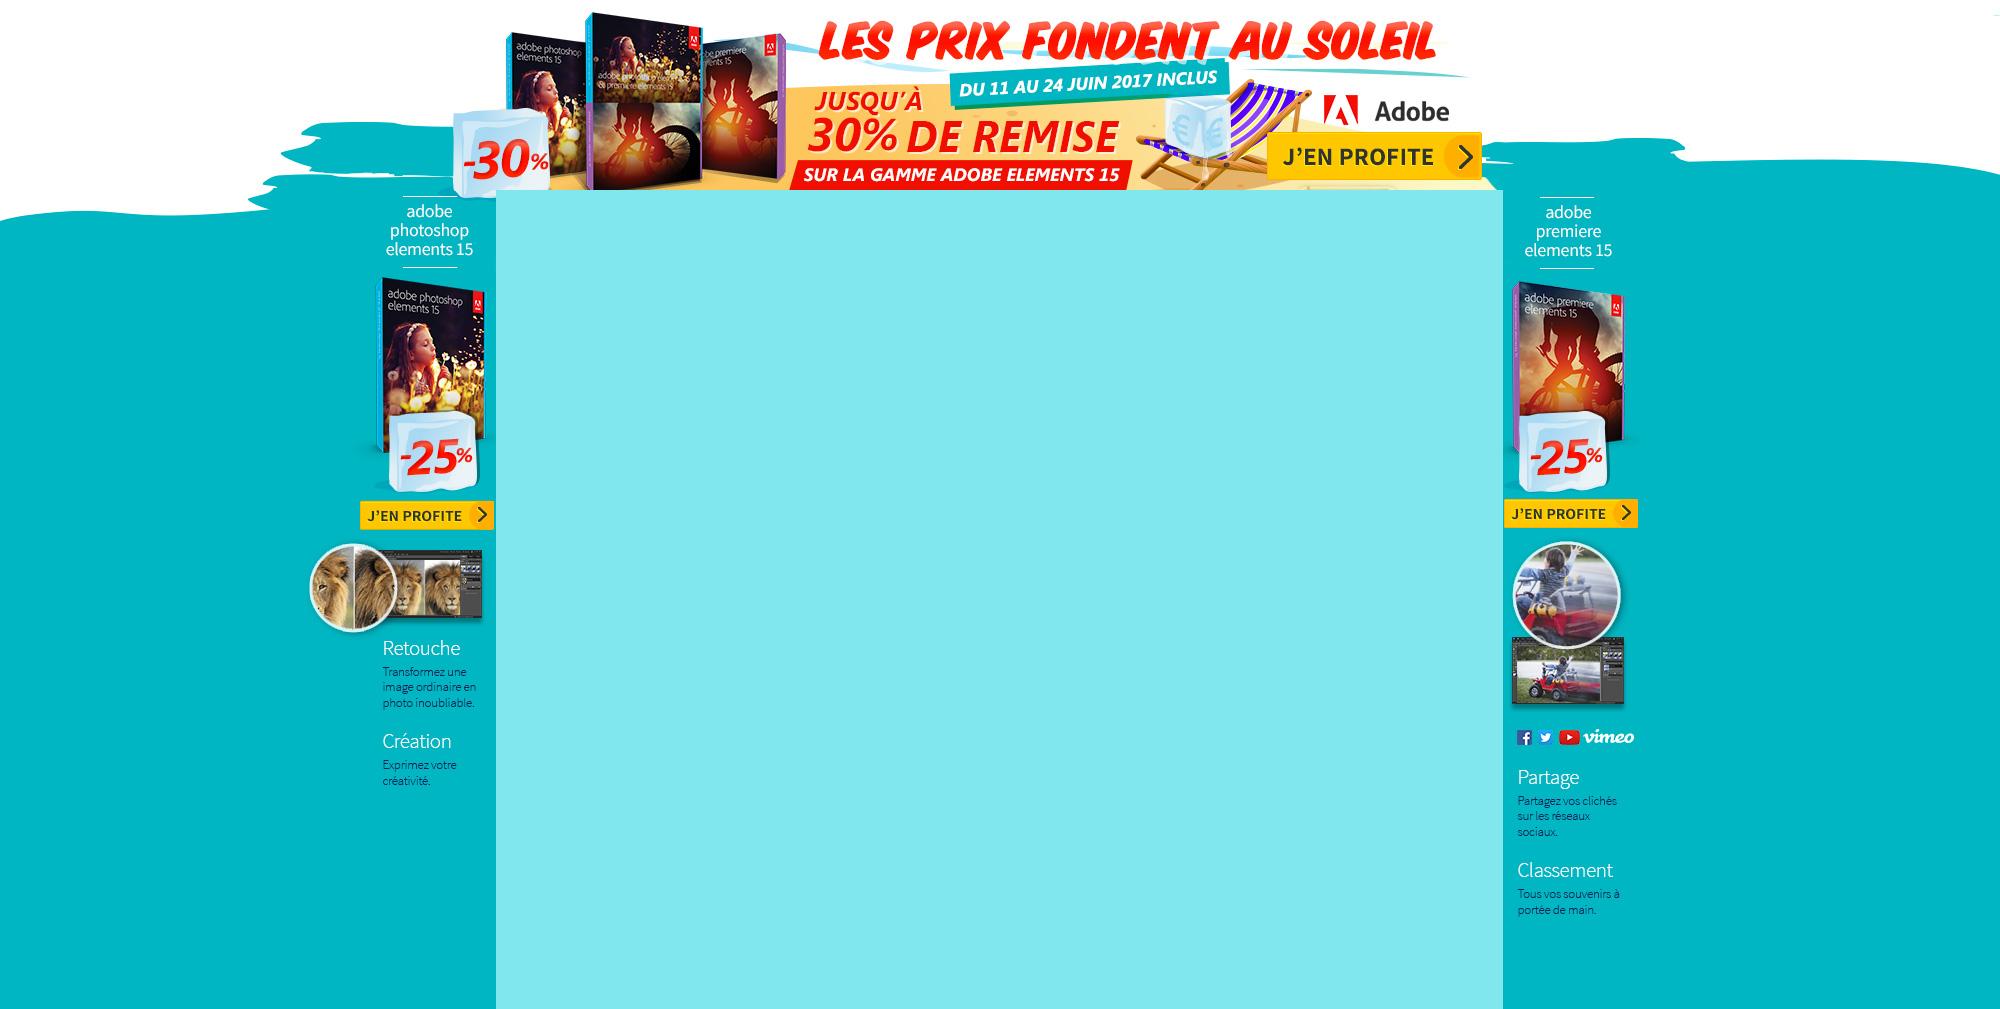 7 Windows En Franais Bearshare Download Free Gratuit Telecharger Pour